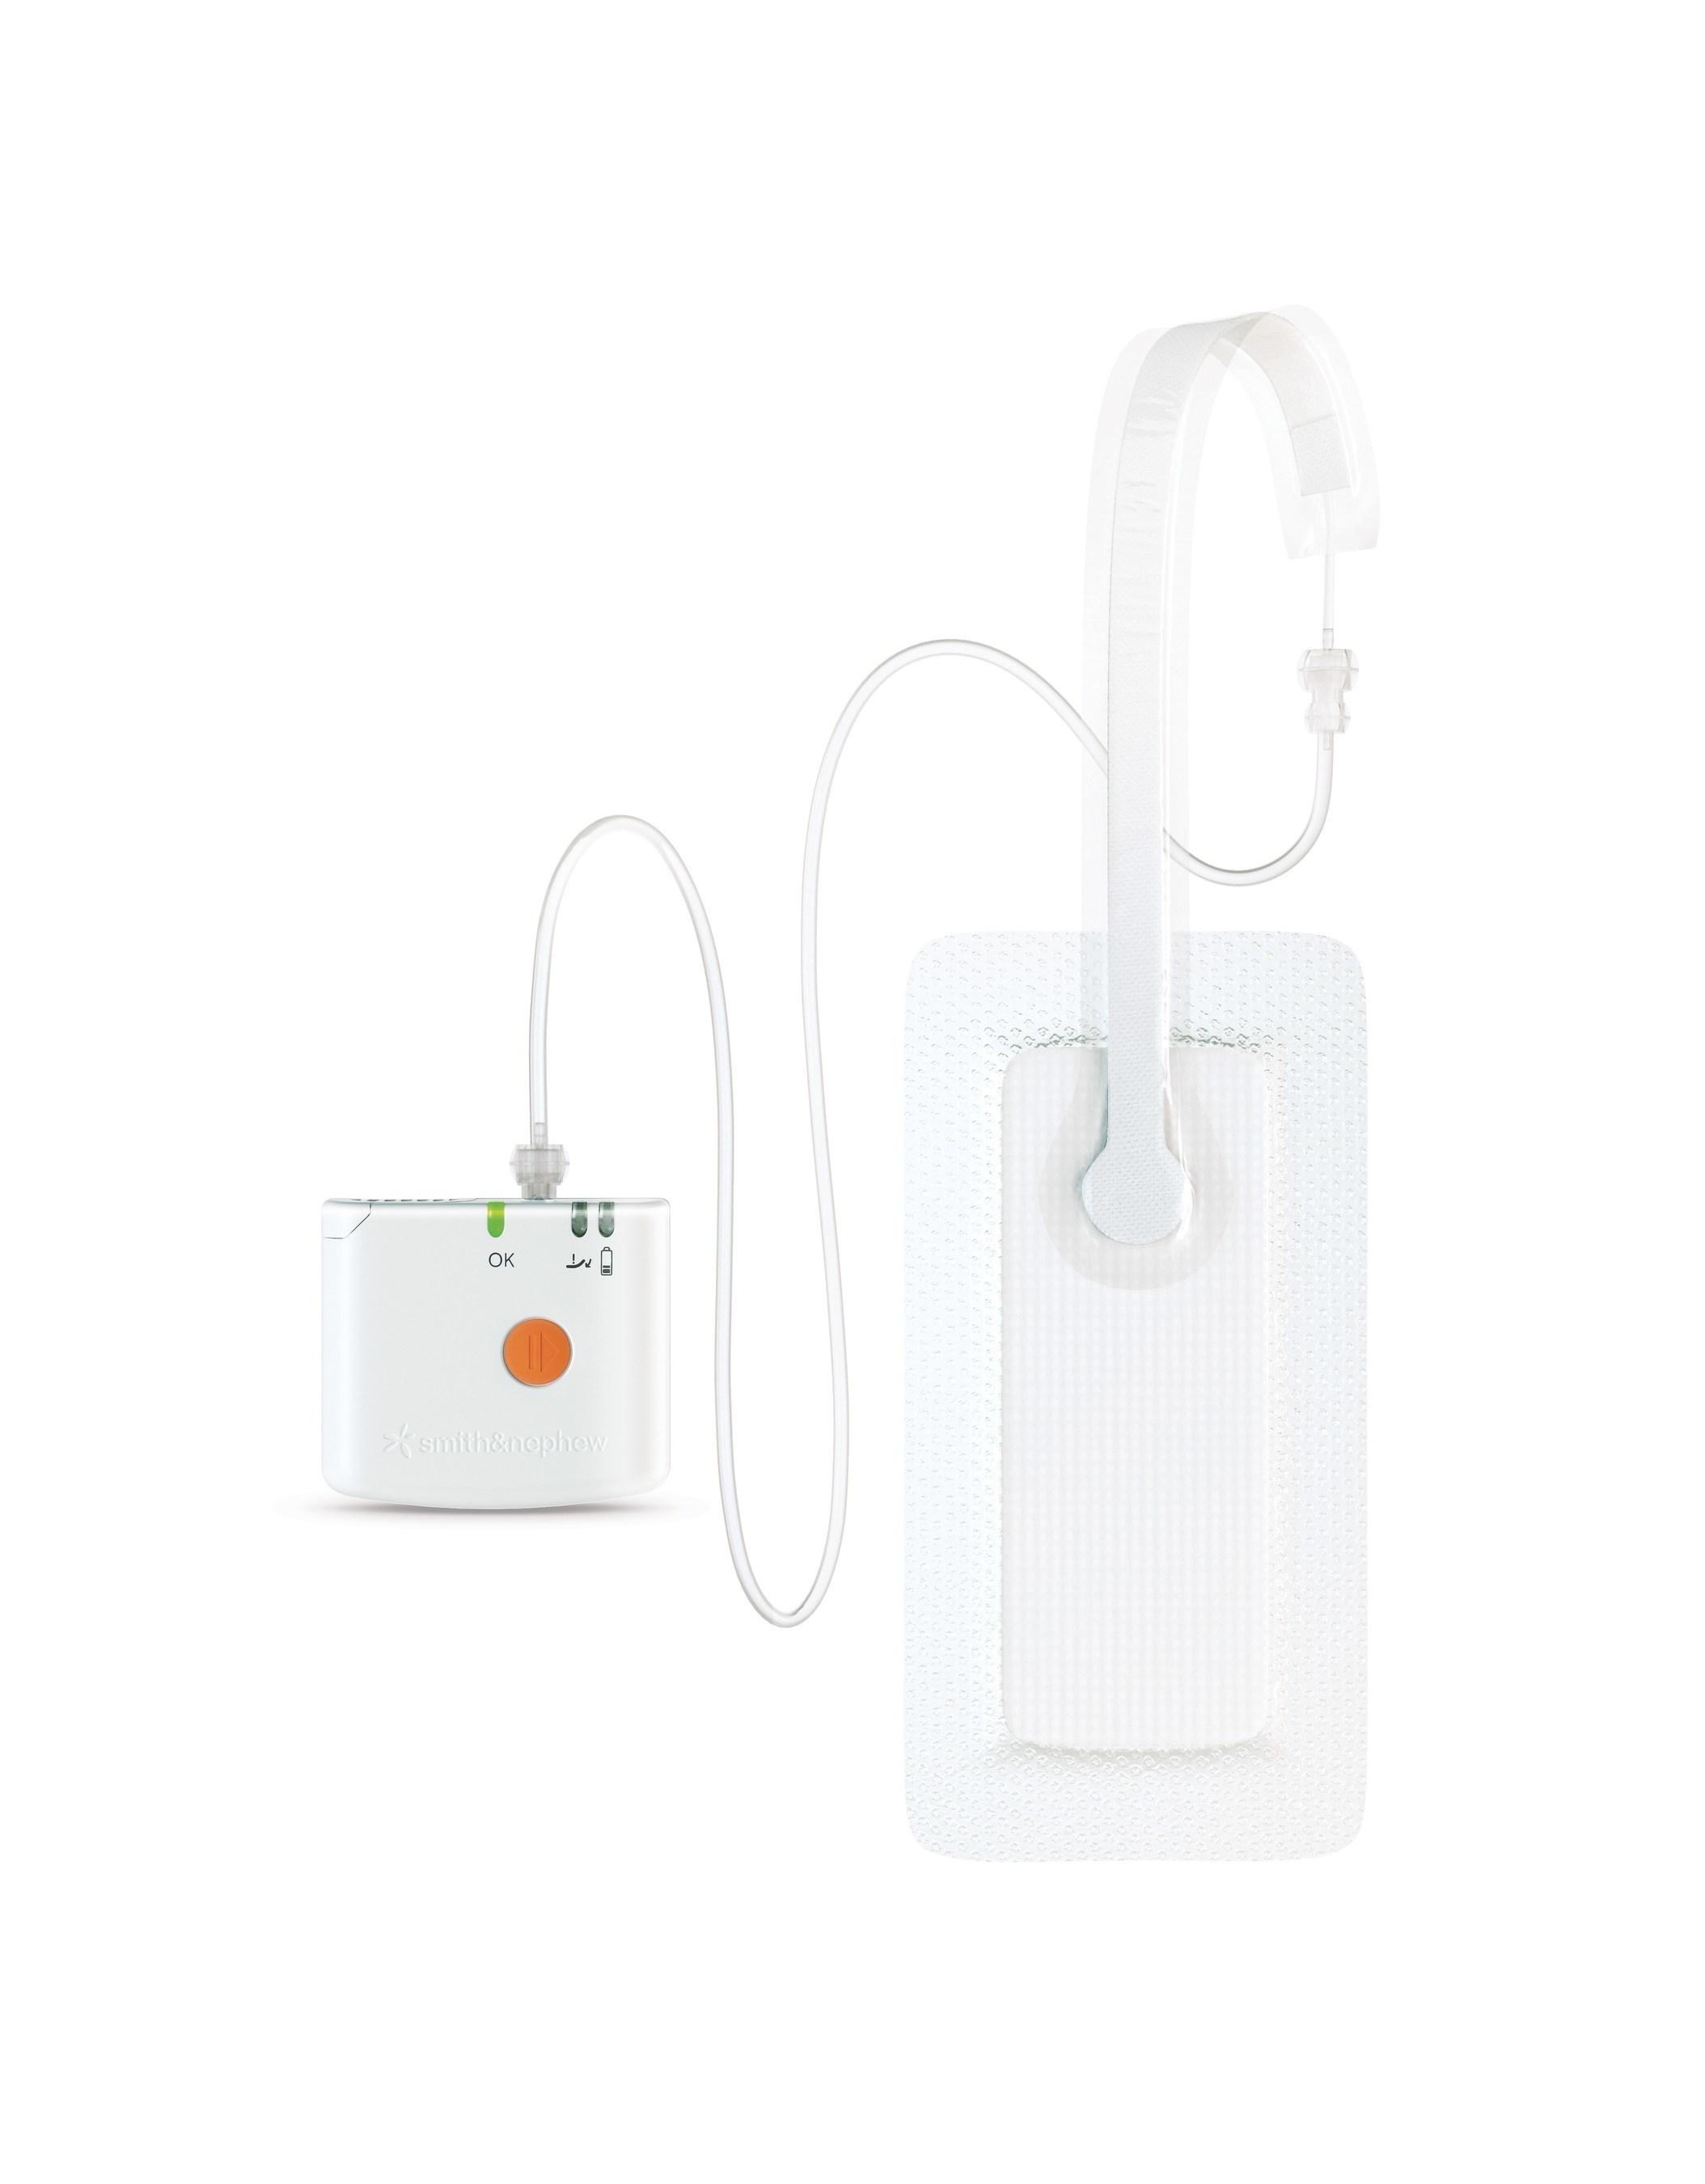 PICO(TM) Single Use Negative Pressure Wound Therapy